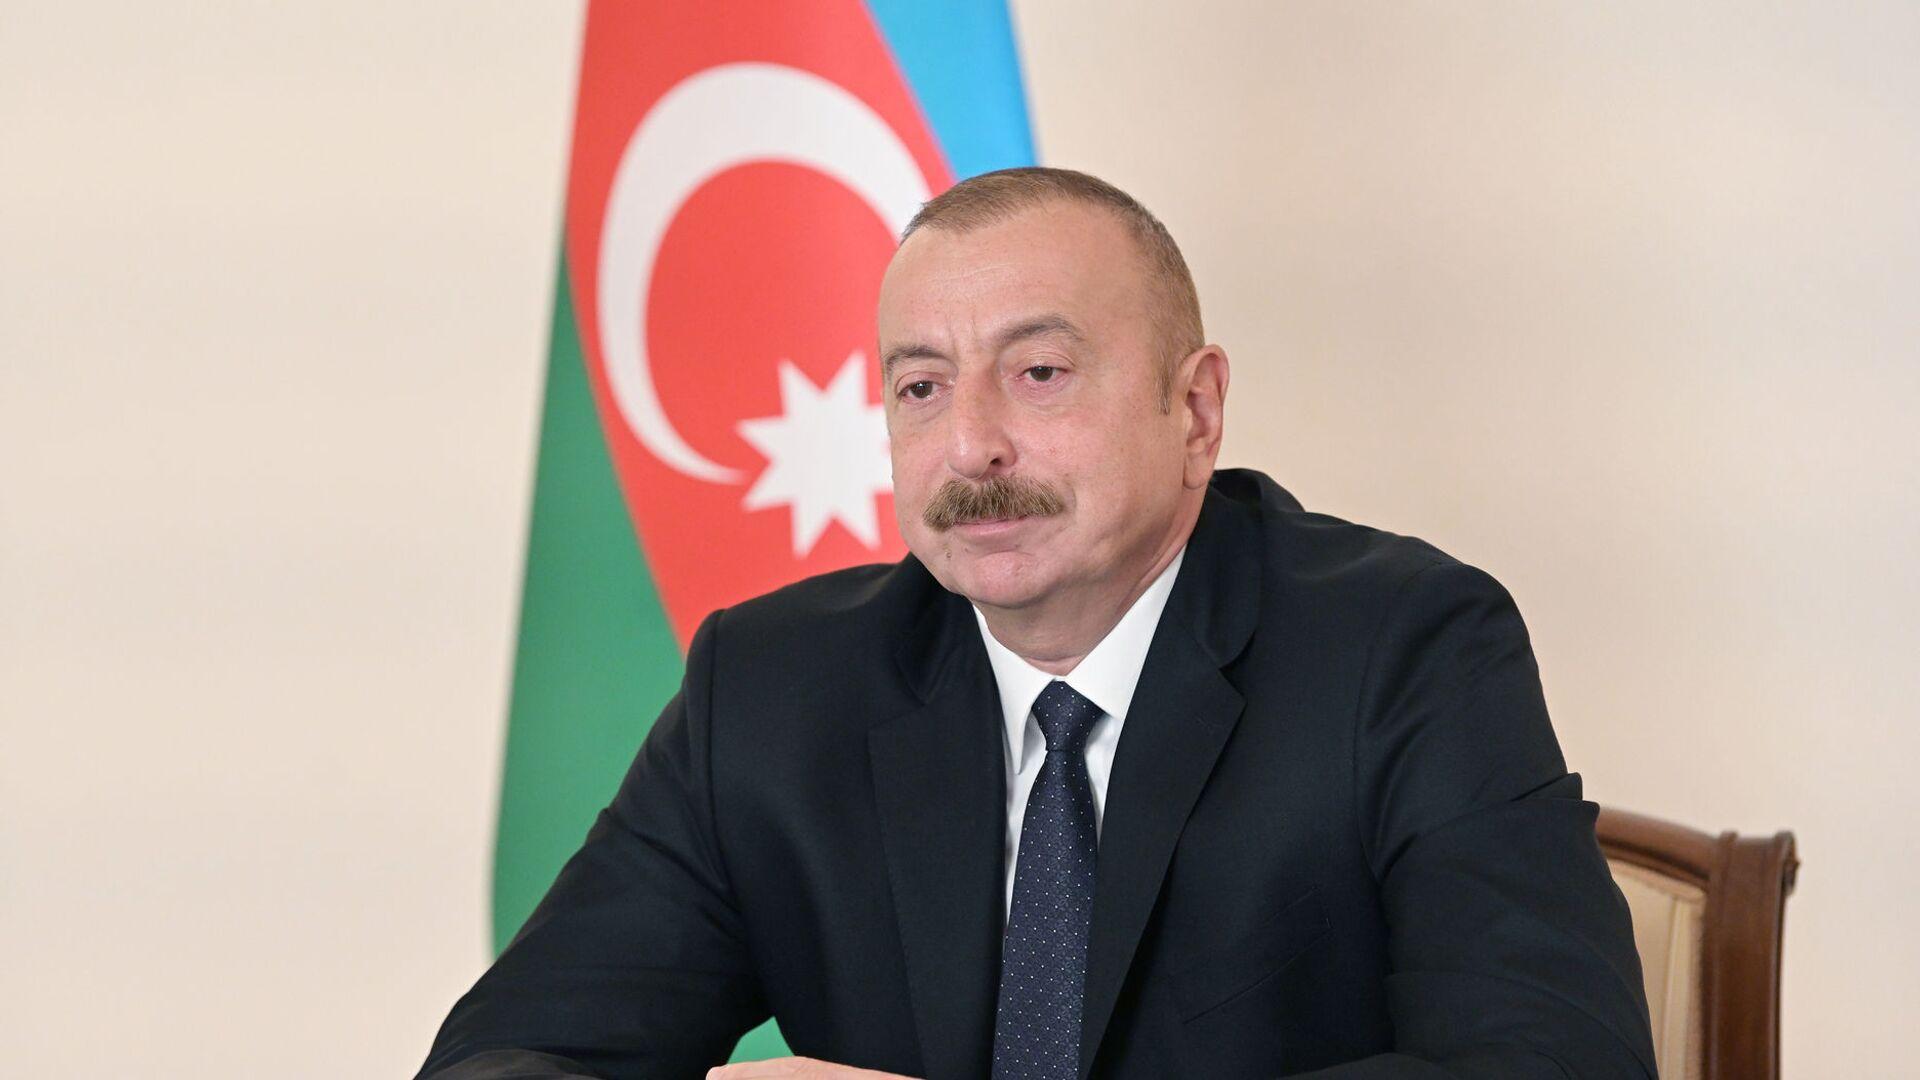 Azərbaycan Respublikasının Prezidenti İlham Əliyev  - Sputnik Azərbaycan, 1920, 09.10.2021